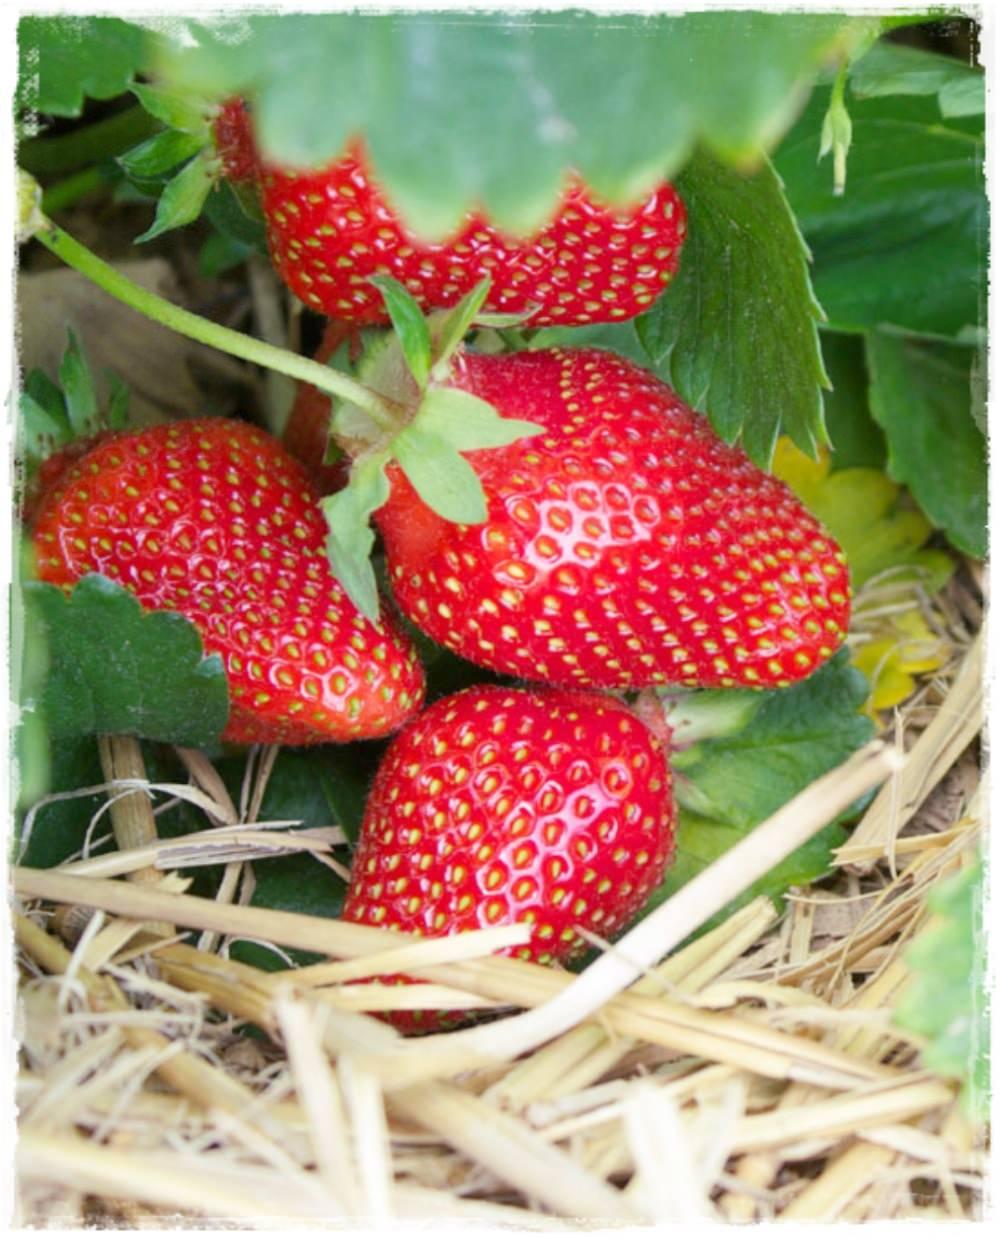 Fragola rifiorente 39 charlotte 39 vendita piccoli frutti for Pianta di fragole